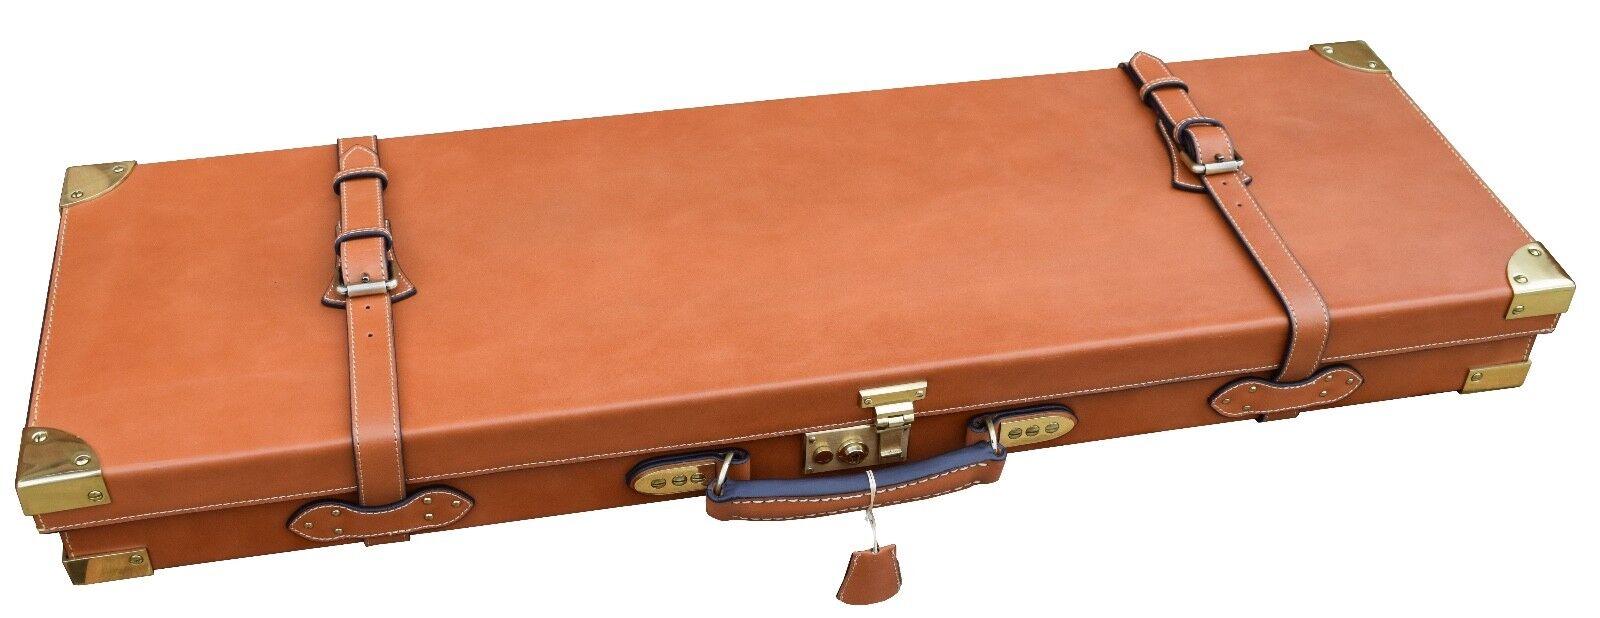 Bronceado, OAK, latón, GUARDIAN Cuero Funda de escopeta Double Barrel, caso de pistola, culata de 1